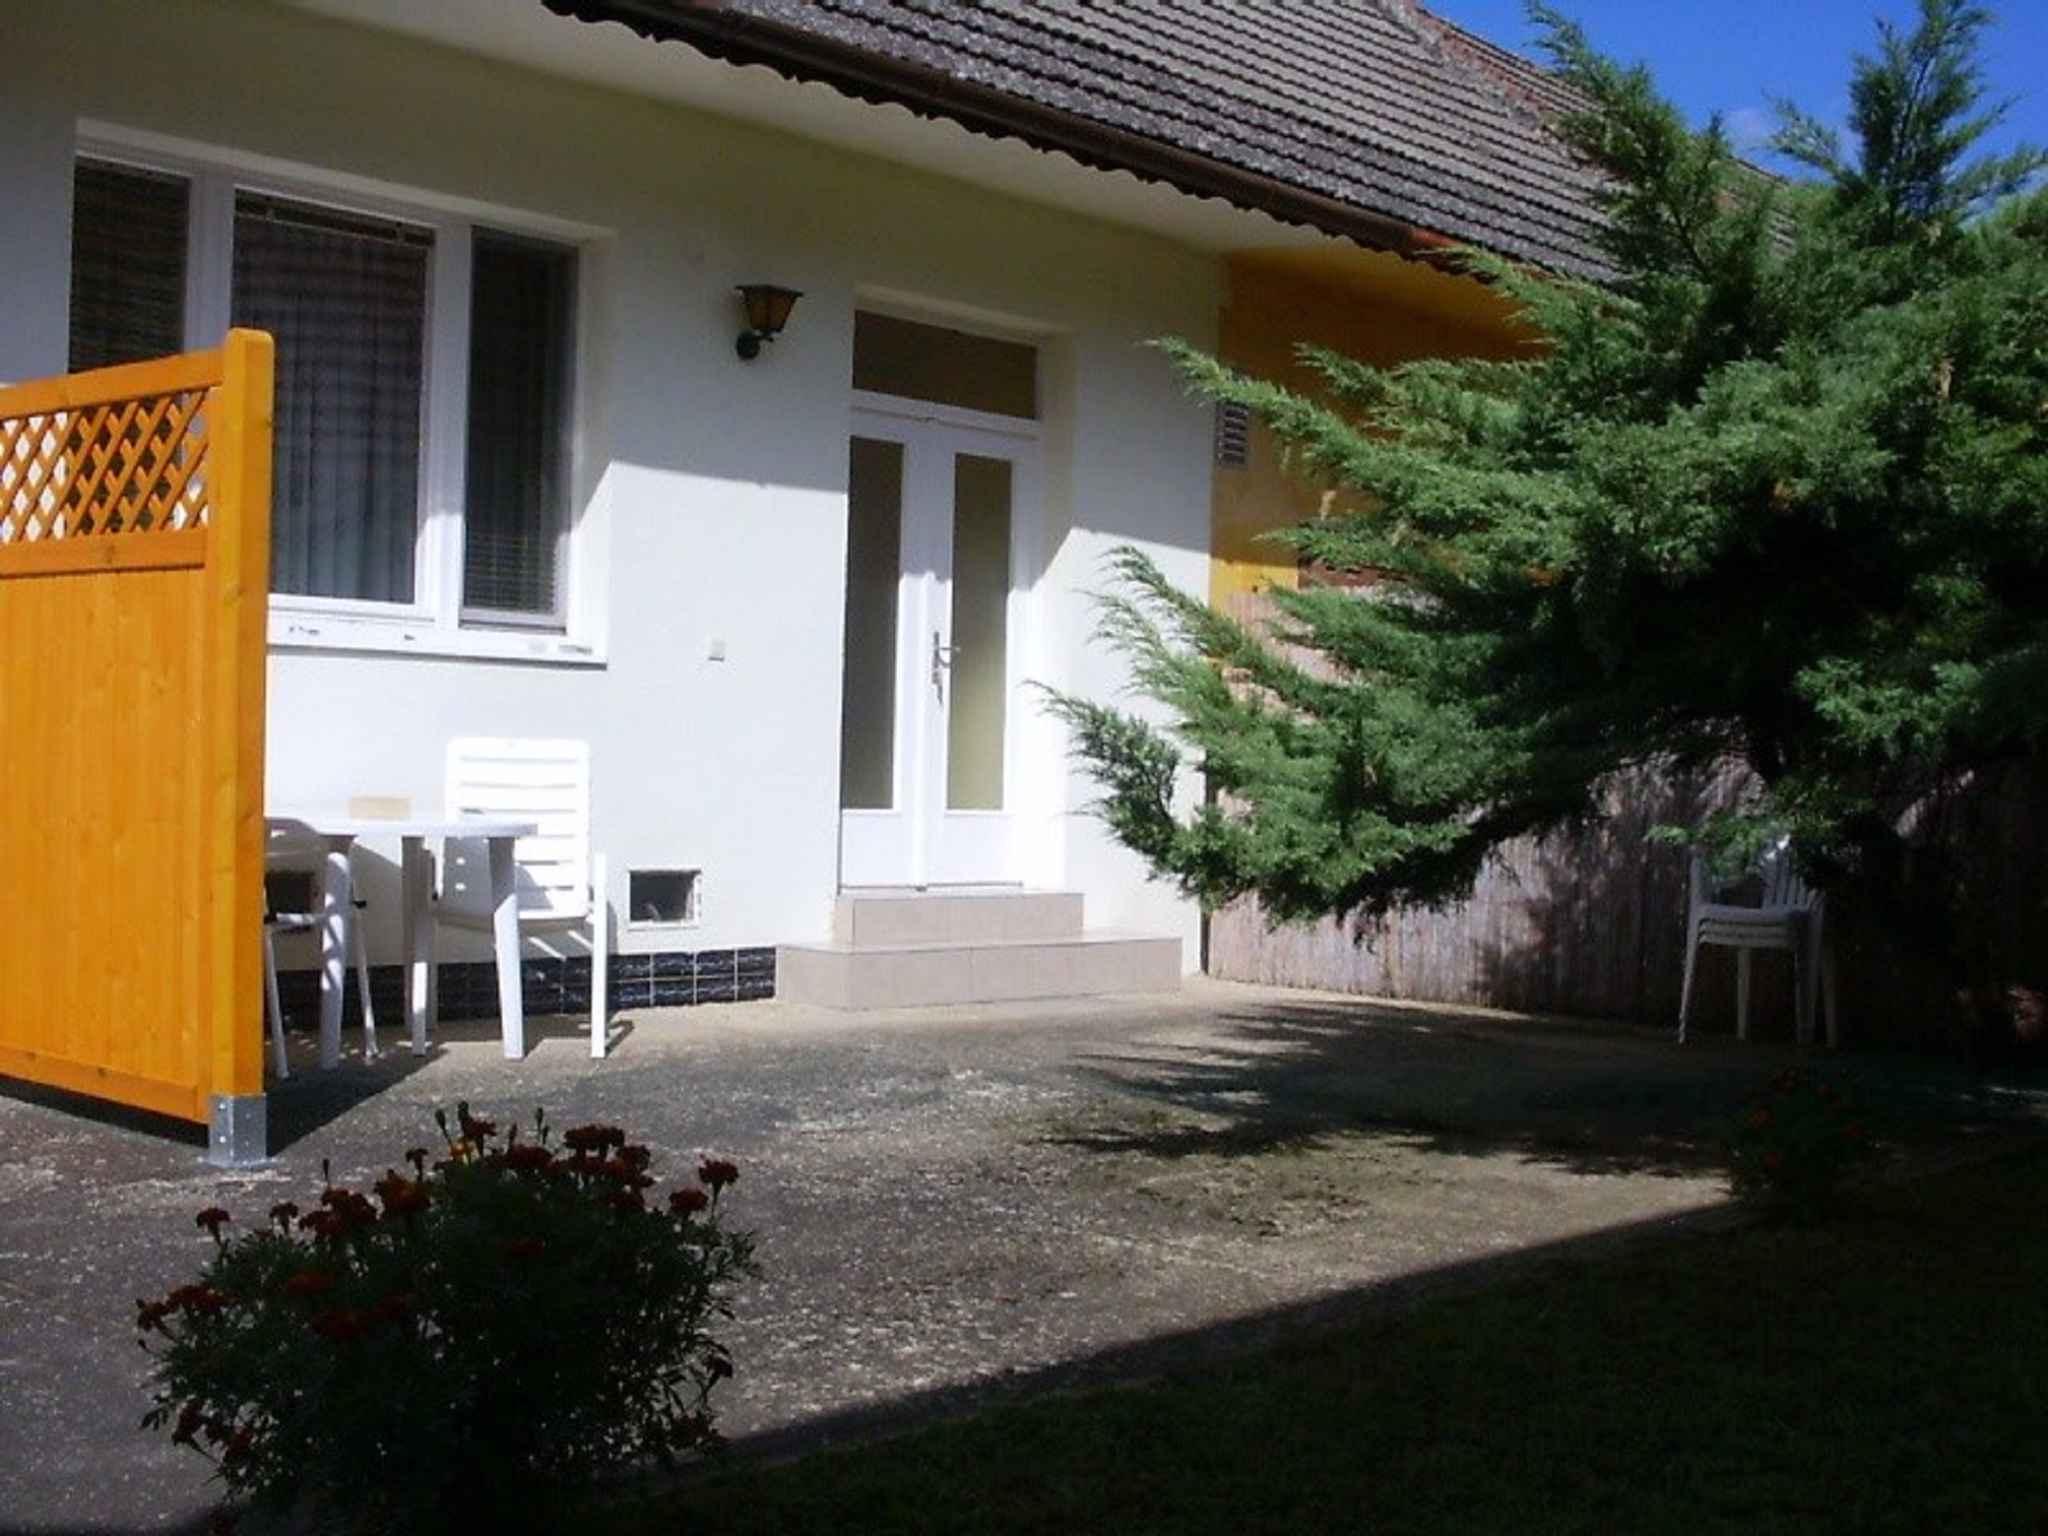 Ferienwohnung in zentraler Lage (595274), St. Andrä am Zicksee, Neusiedler See, Burgenland, Österreich, Bild 3